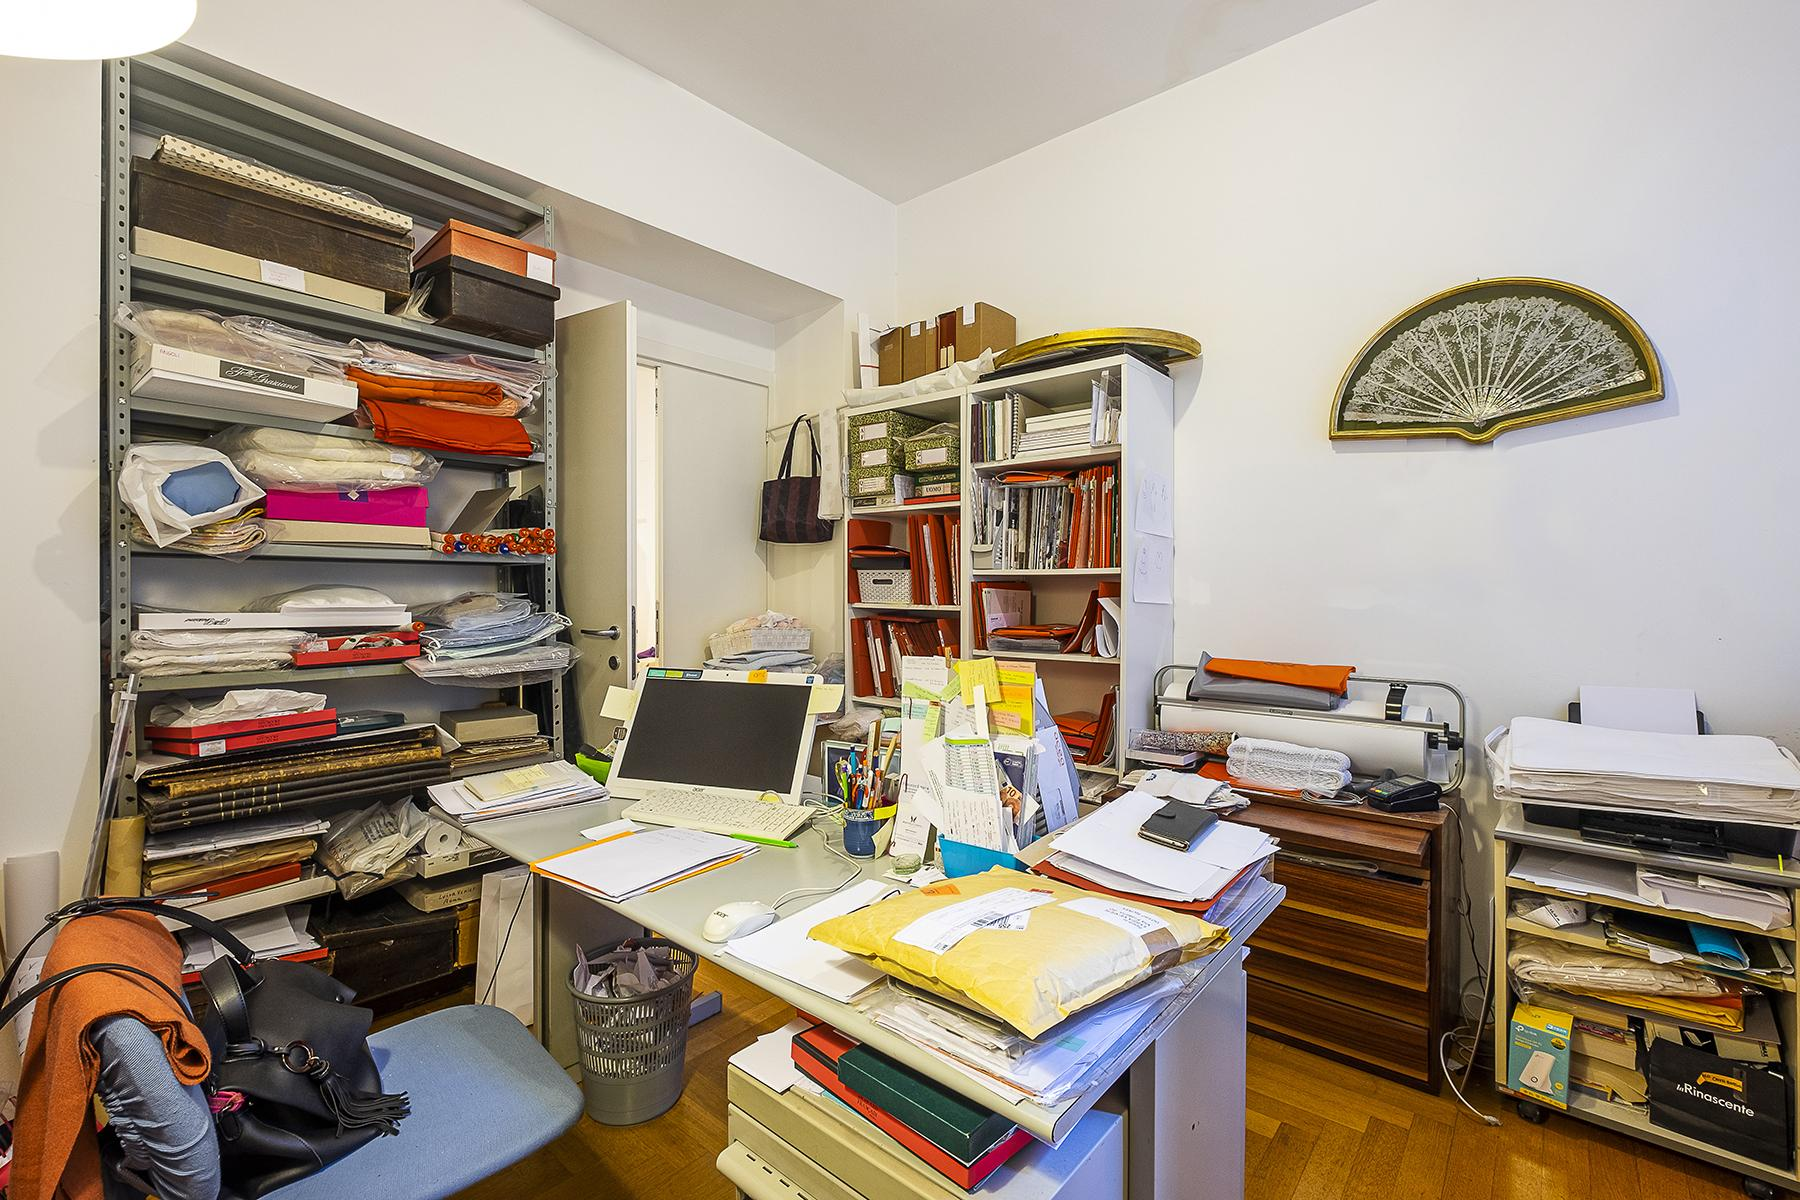 Negozio in affitto nell'esclusiva via Frattina - 18